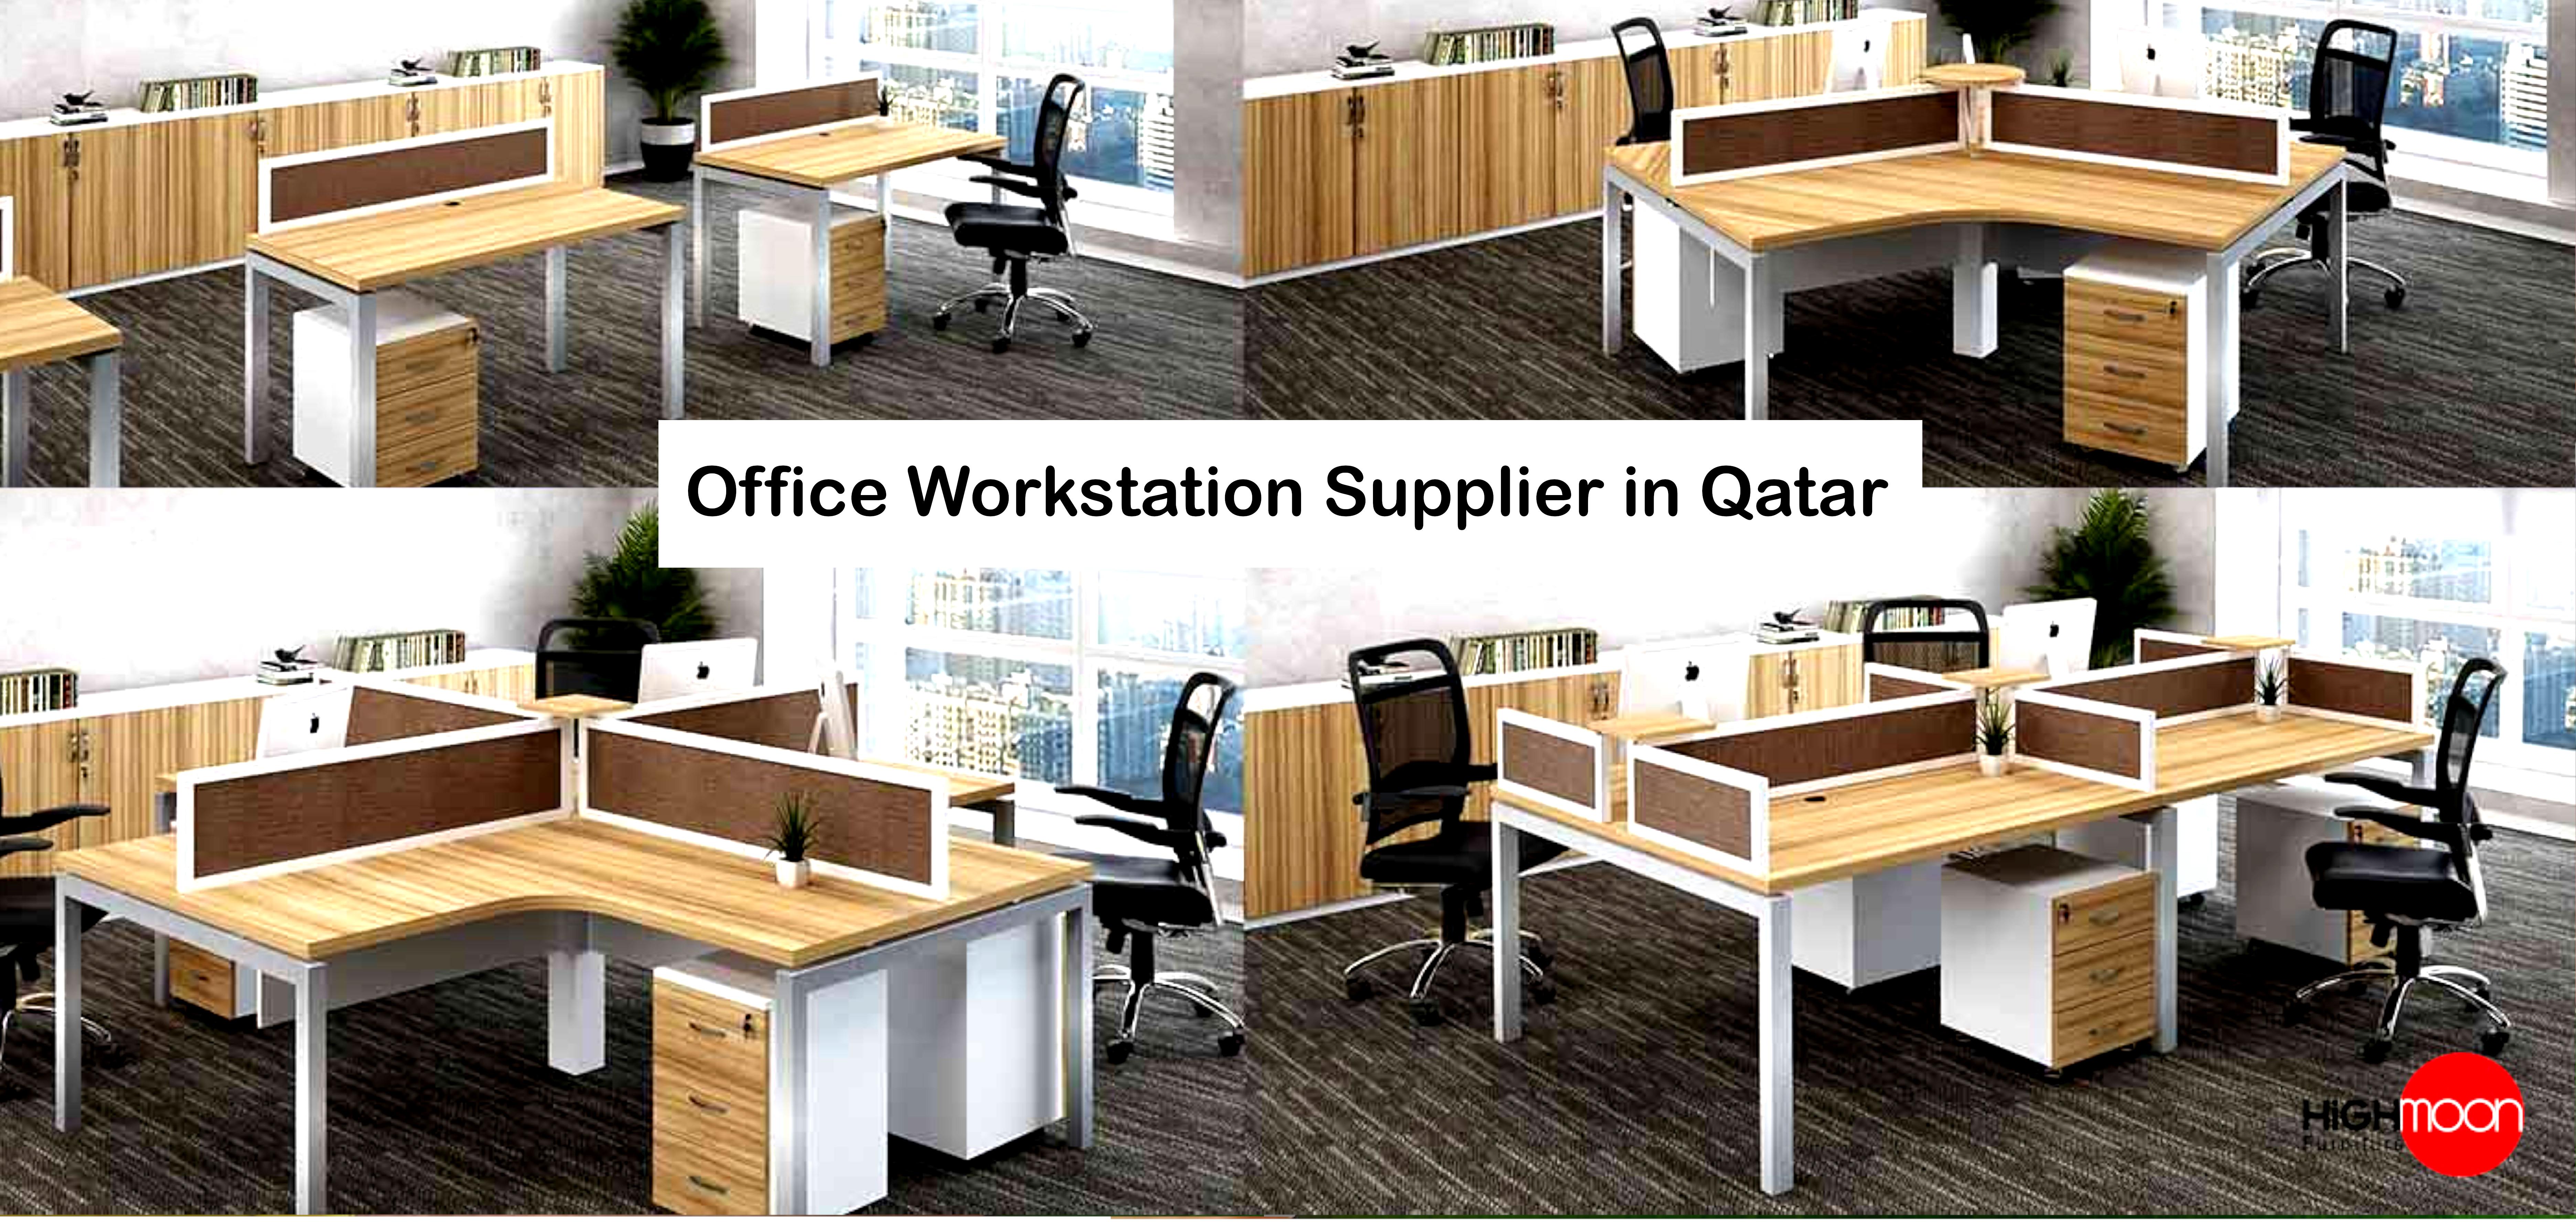 Office Workstation Supplier In Qatar Highmoon Office Furniture Office Workstations Workstation Luxury Office Furniture